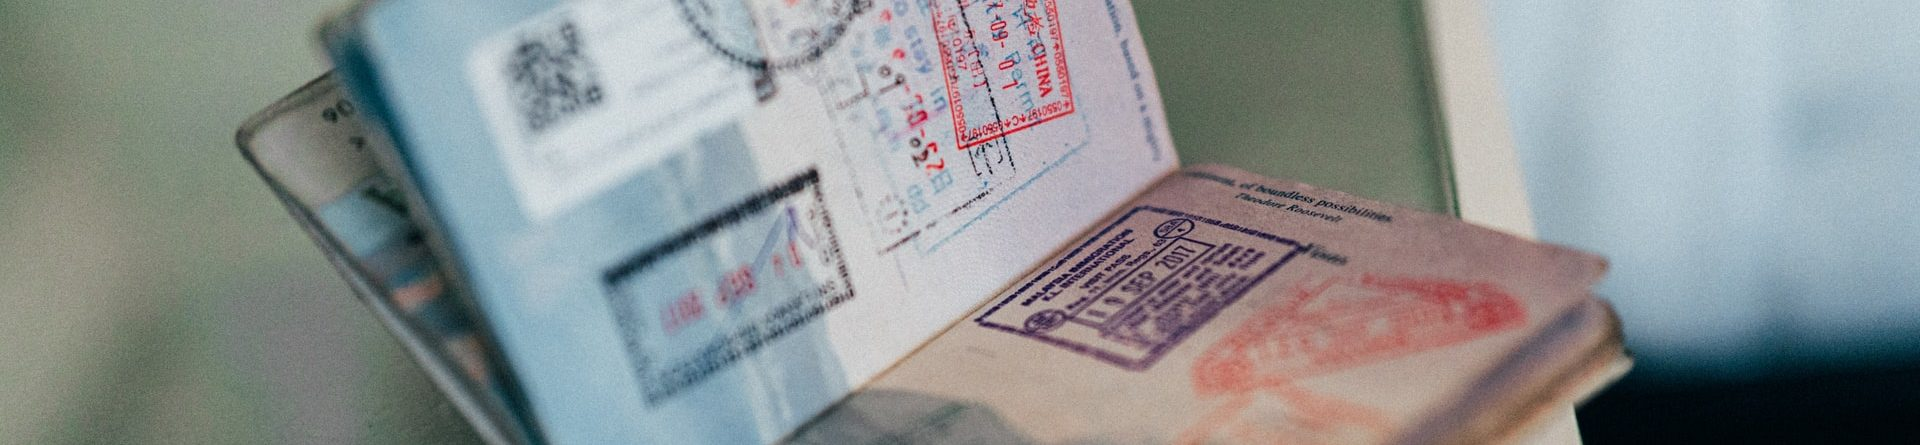 Студенческие визы